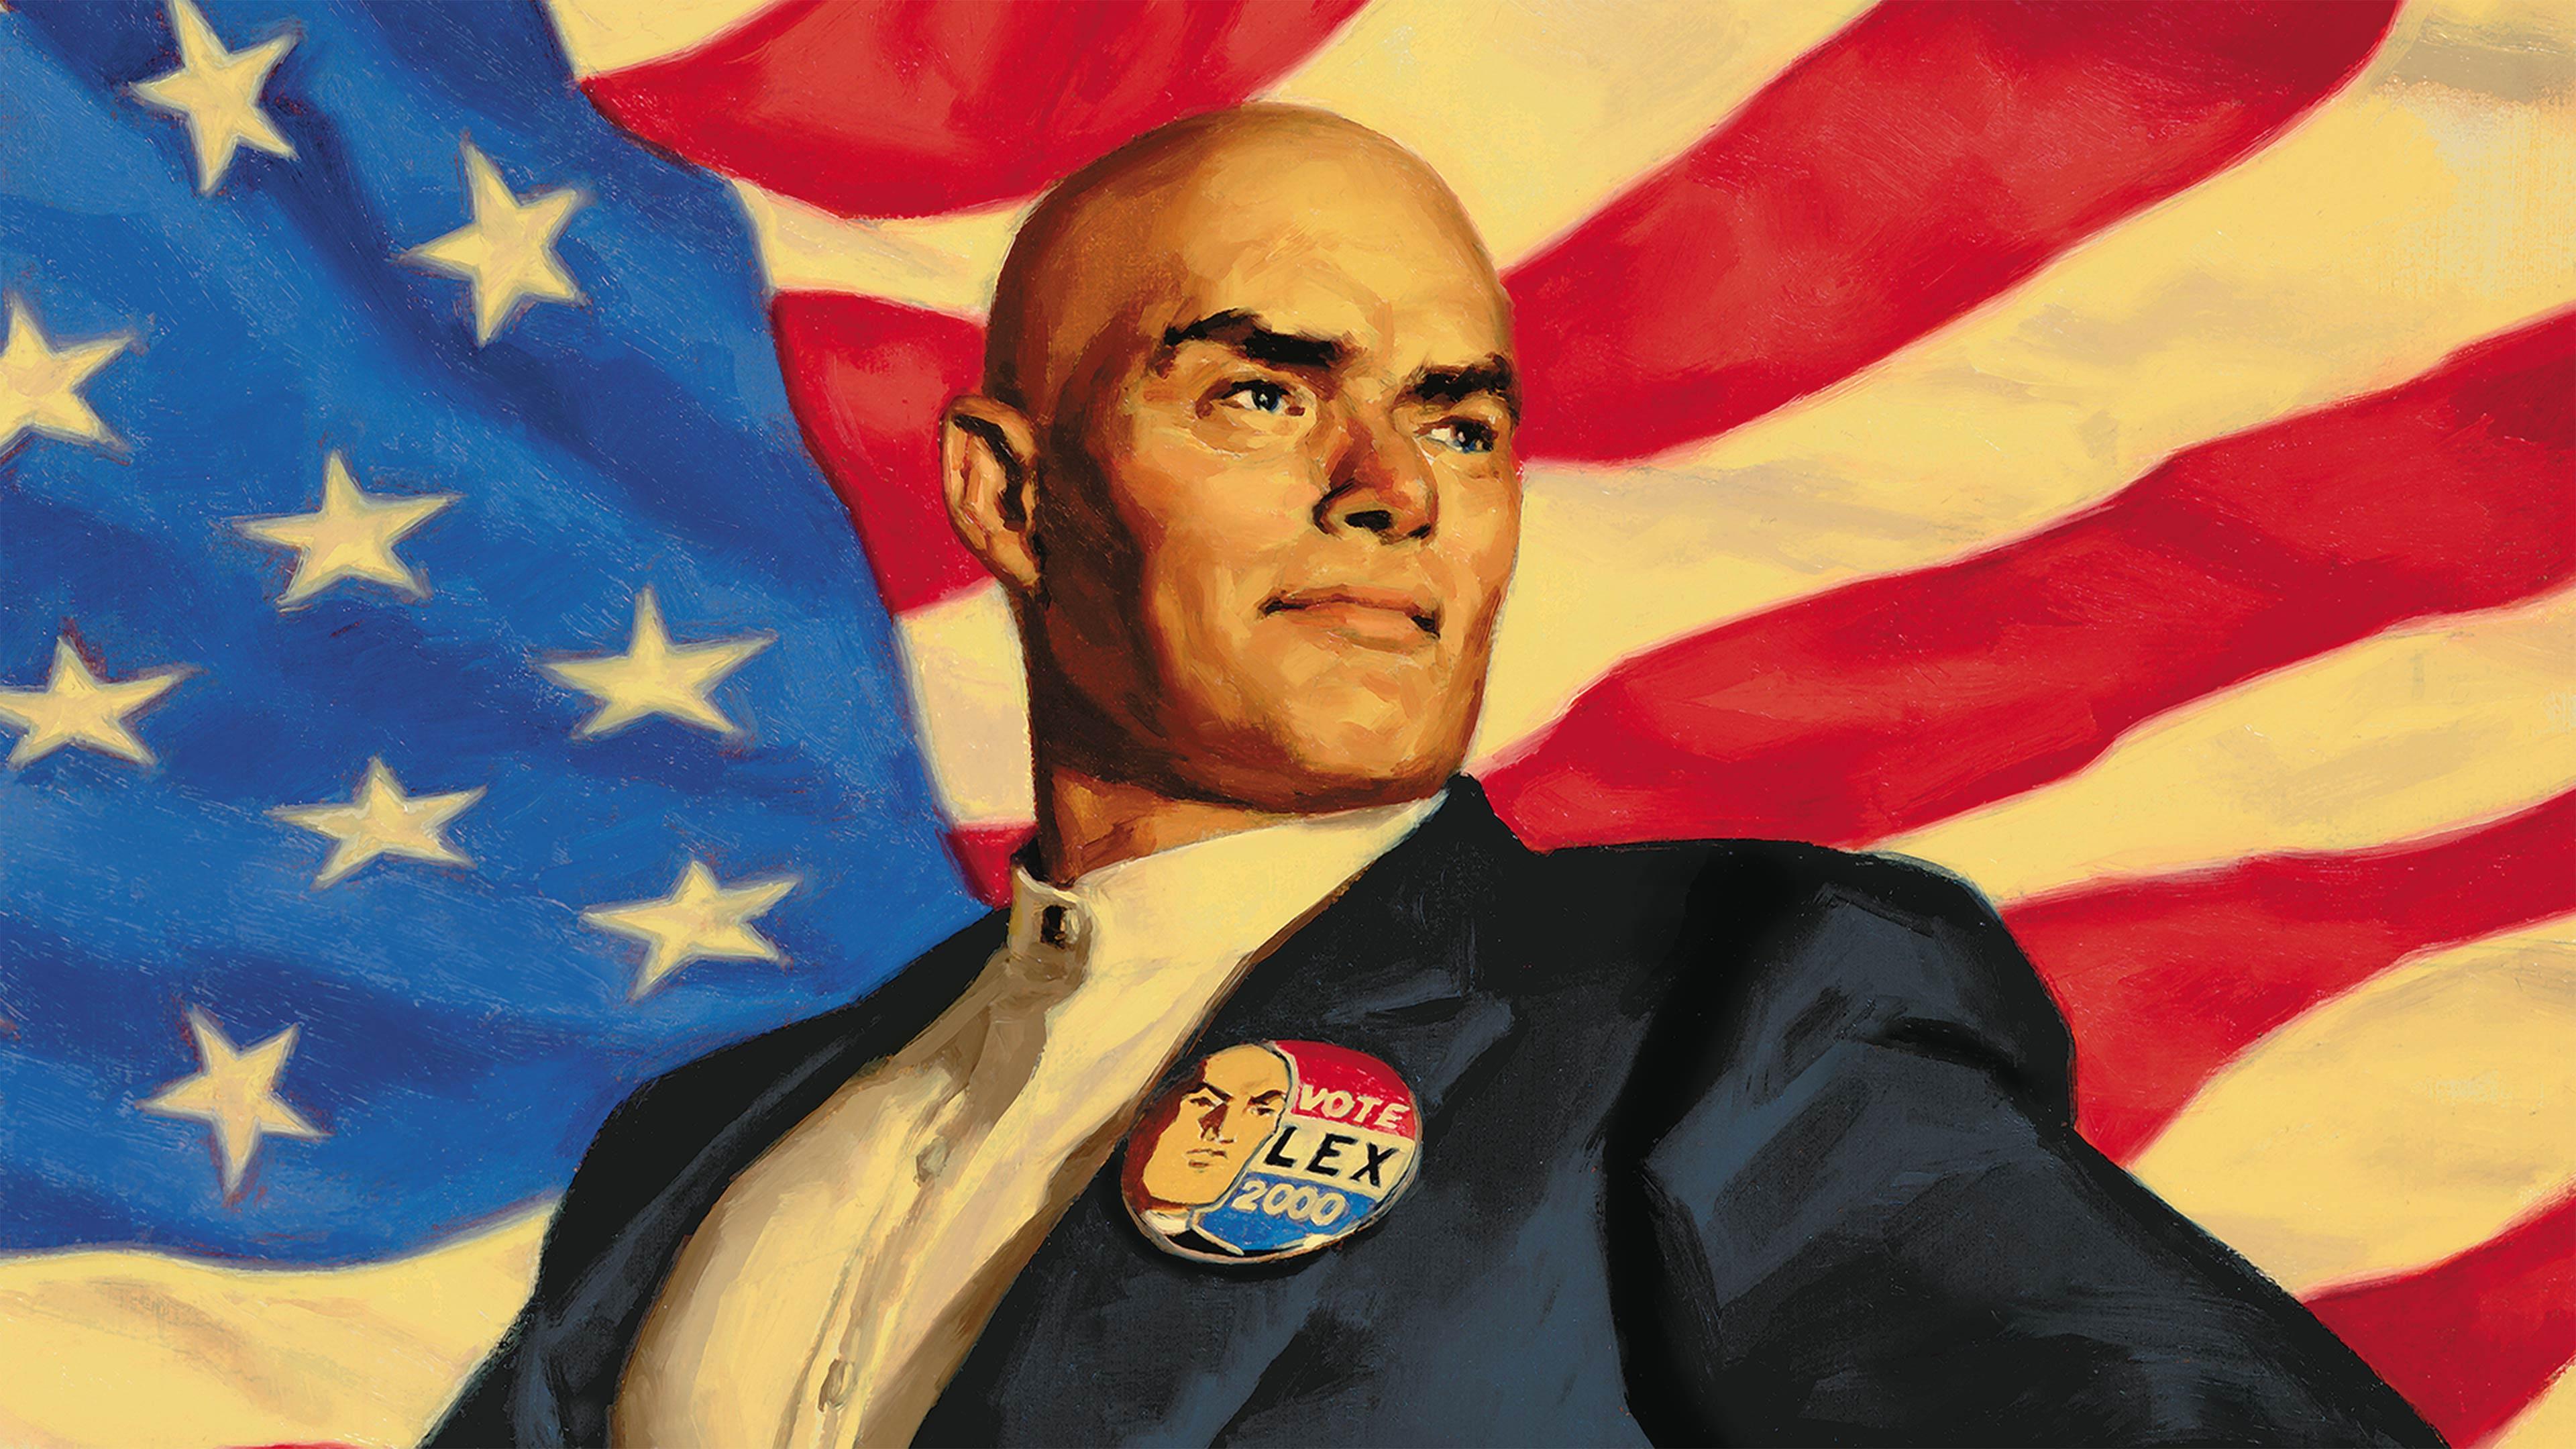 presidentlex_news_hero-c_v1_200213.jpg